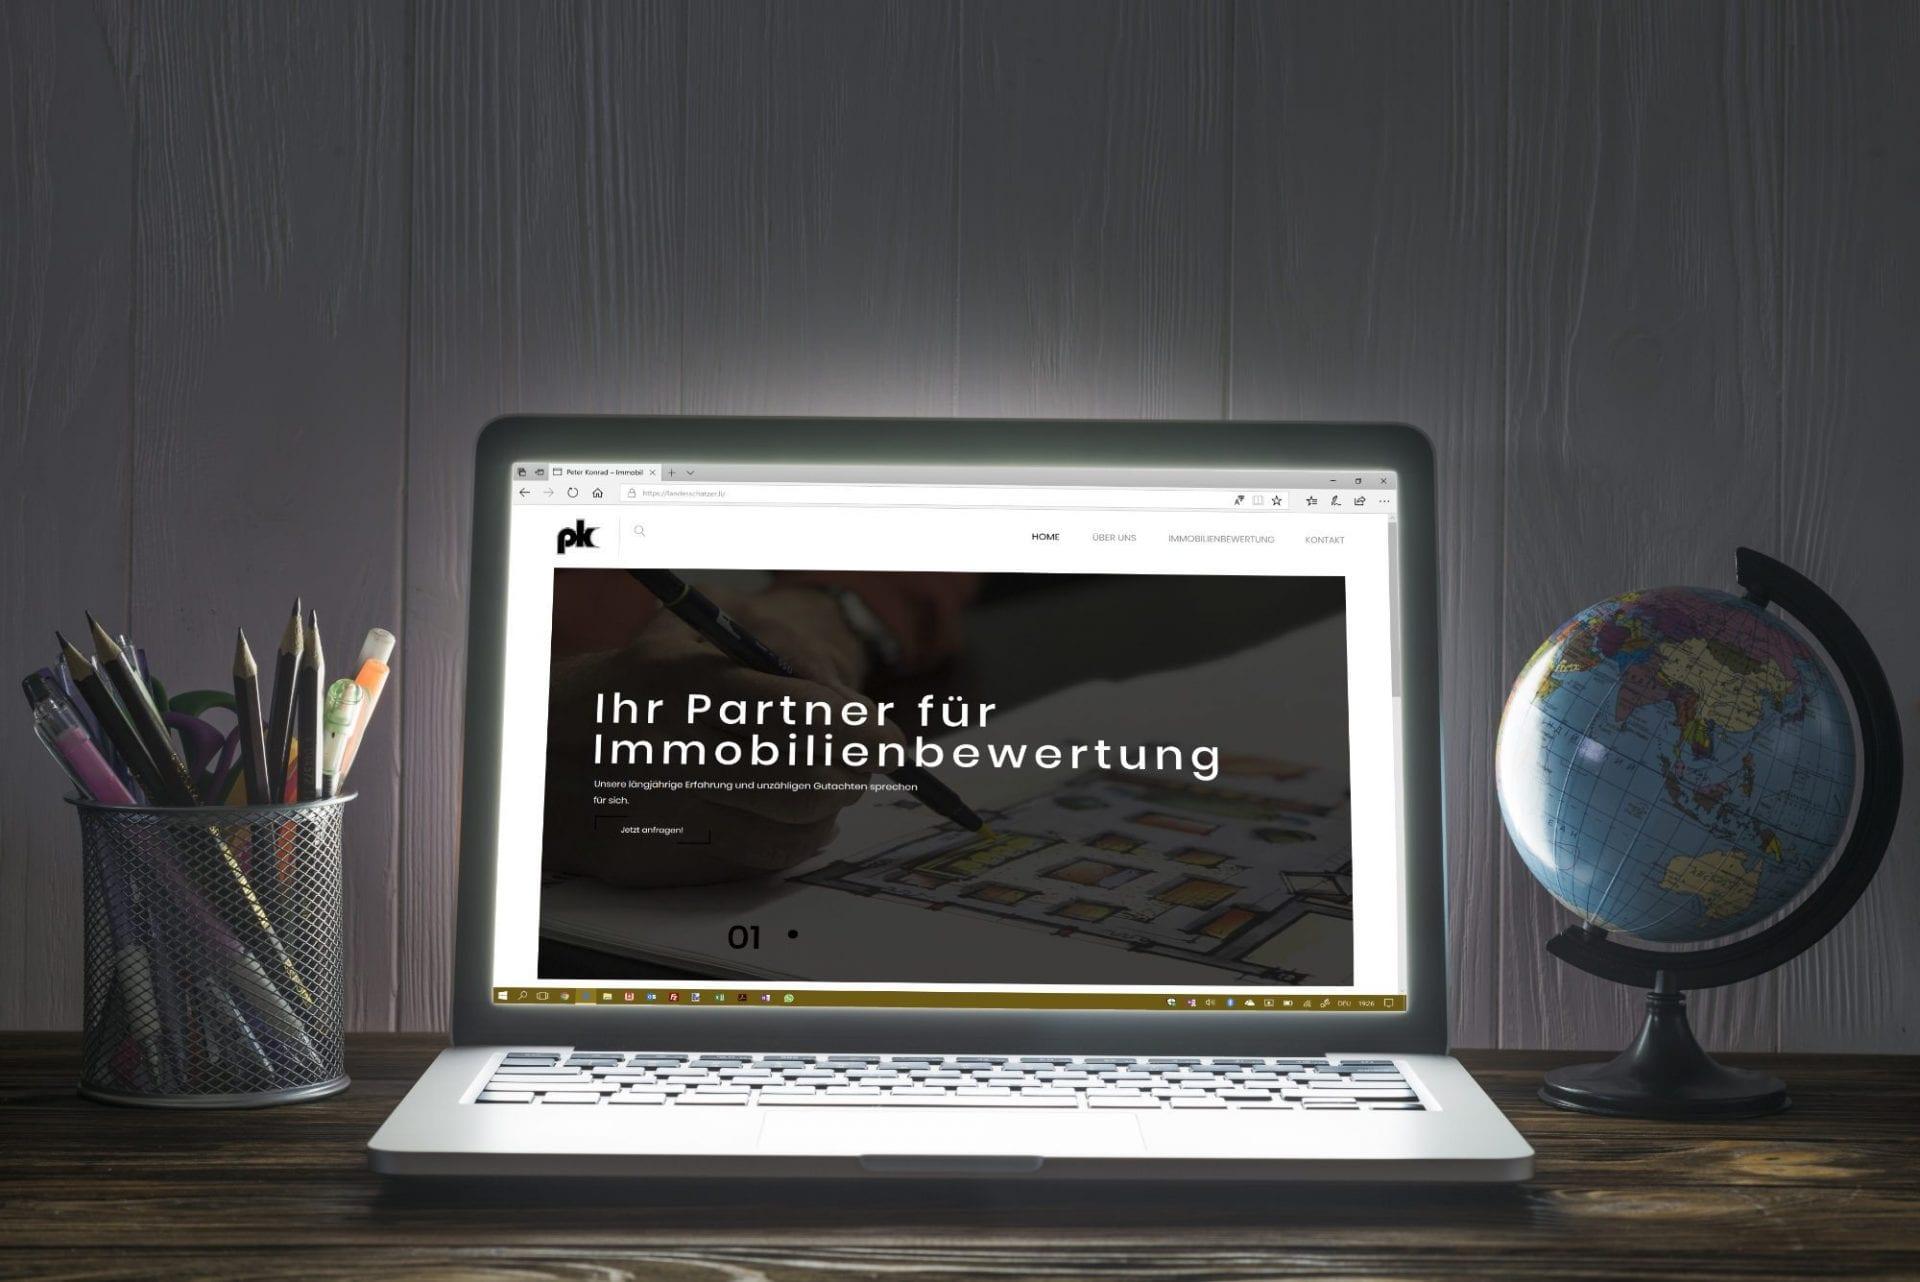 Peter Konrad Landesschätzer Webseite